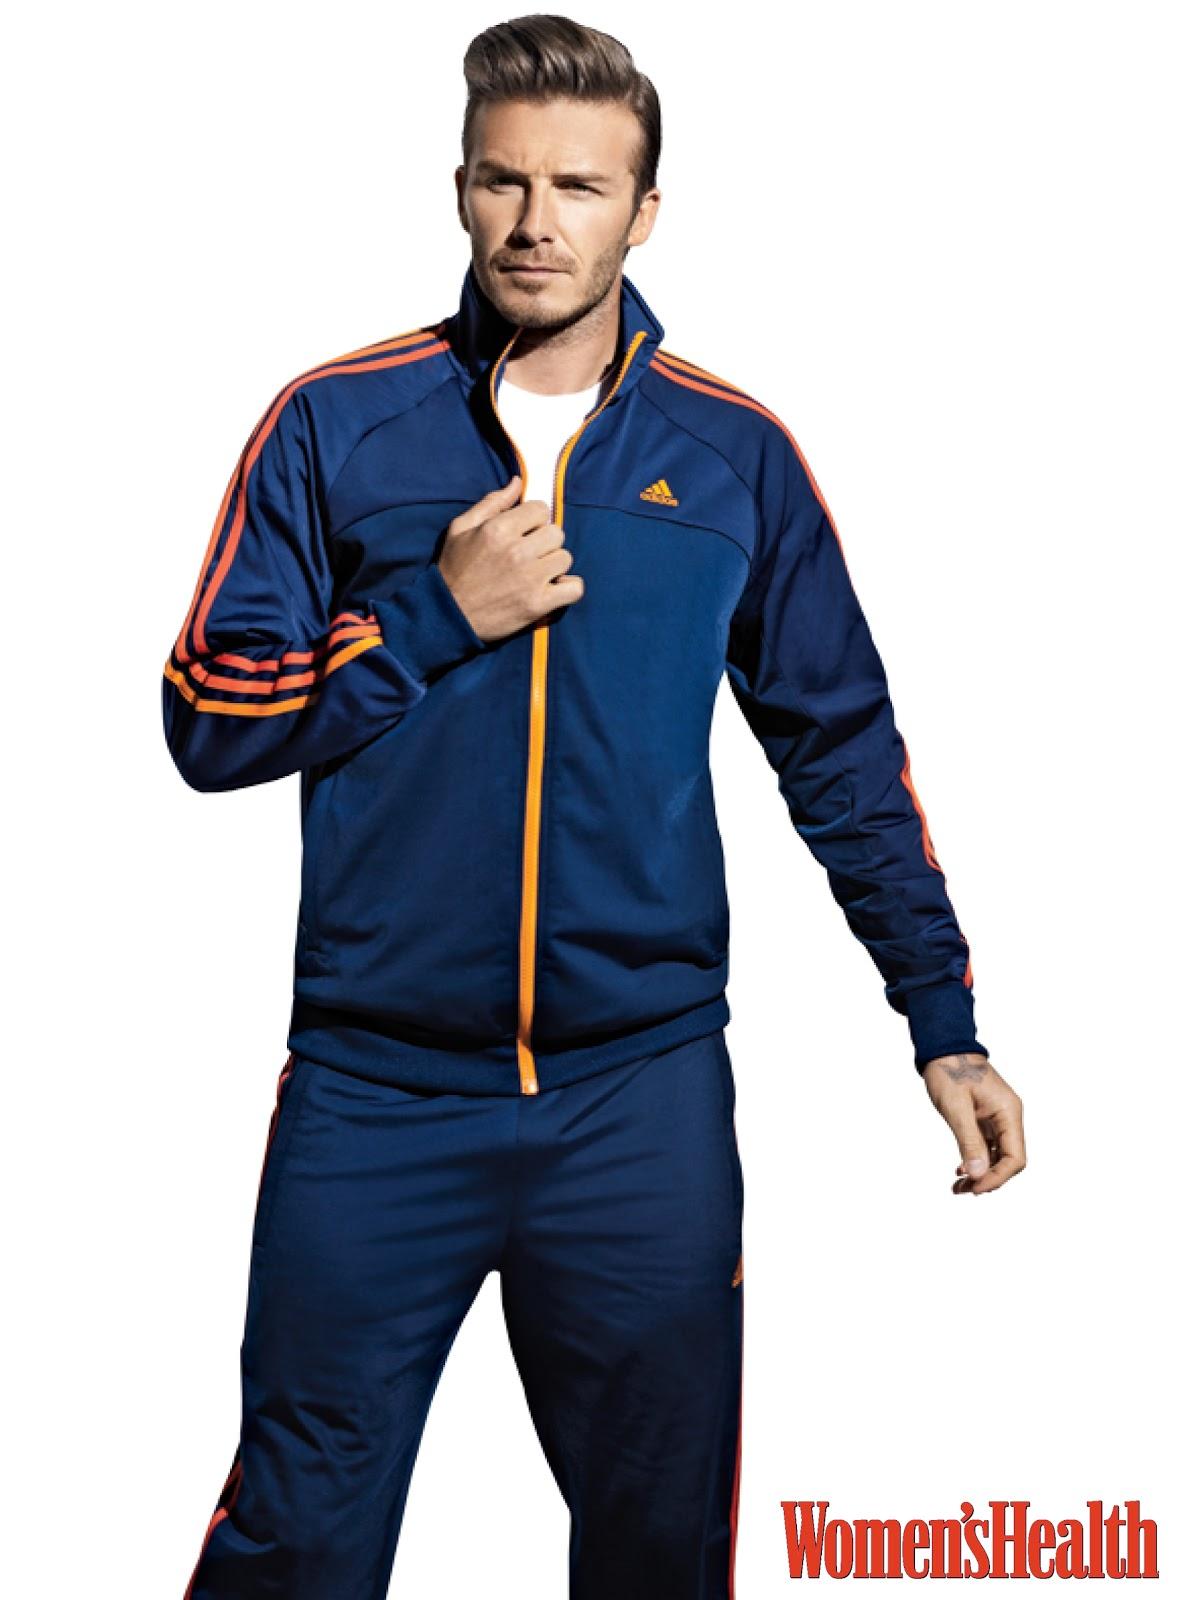 http://4.bp.blogspot.com/-L1GBEx1iYlE/T1ftLK2UDTI/AAAAAAAAASM/k8hTi3GeV64/s1600/Women\'s+Health+David+Beckham+March+2012+(1).JPG